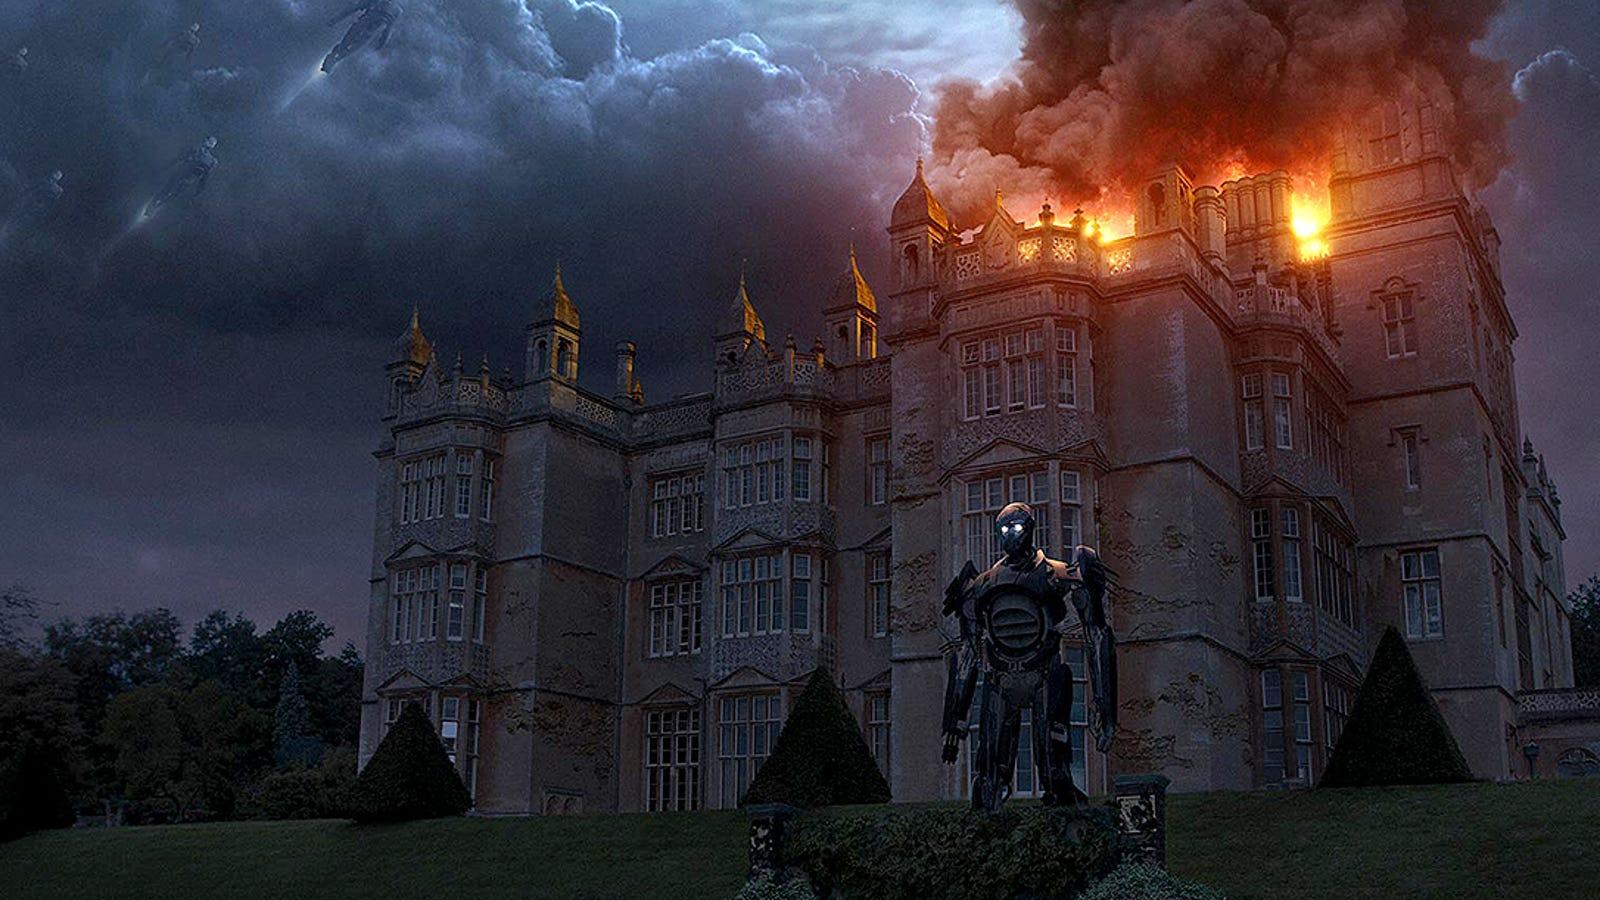 Nuevas fotos revelan detalles del guión de X-Men: days of future past